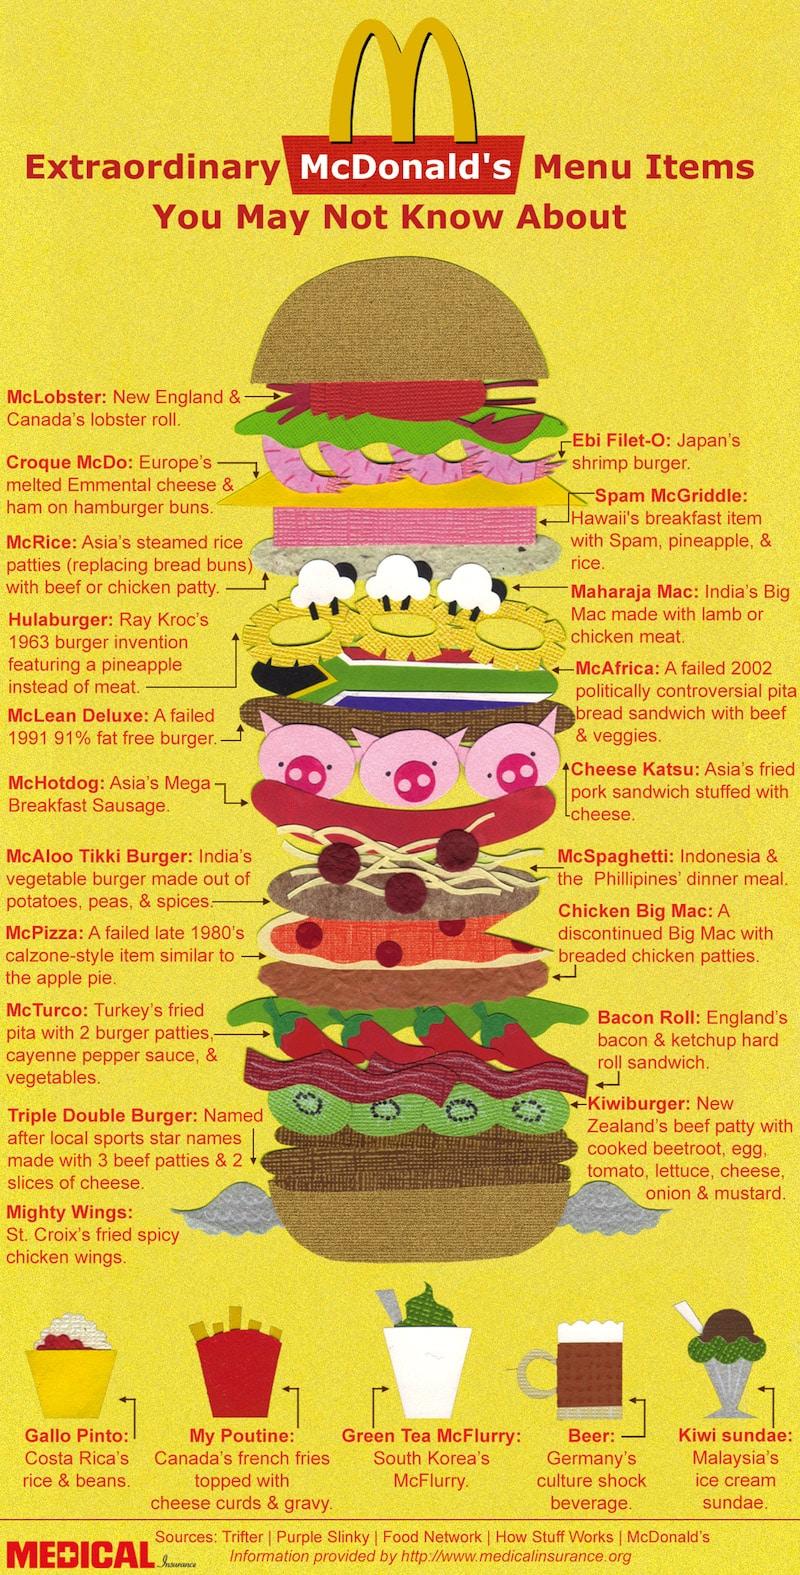 mcdonalds-odd-menu-items